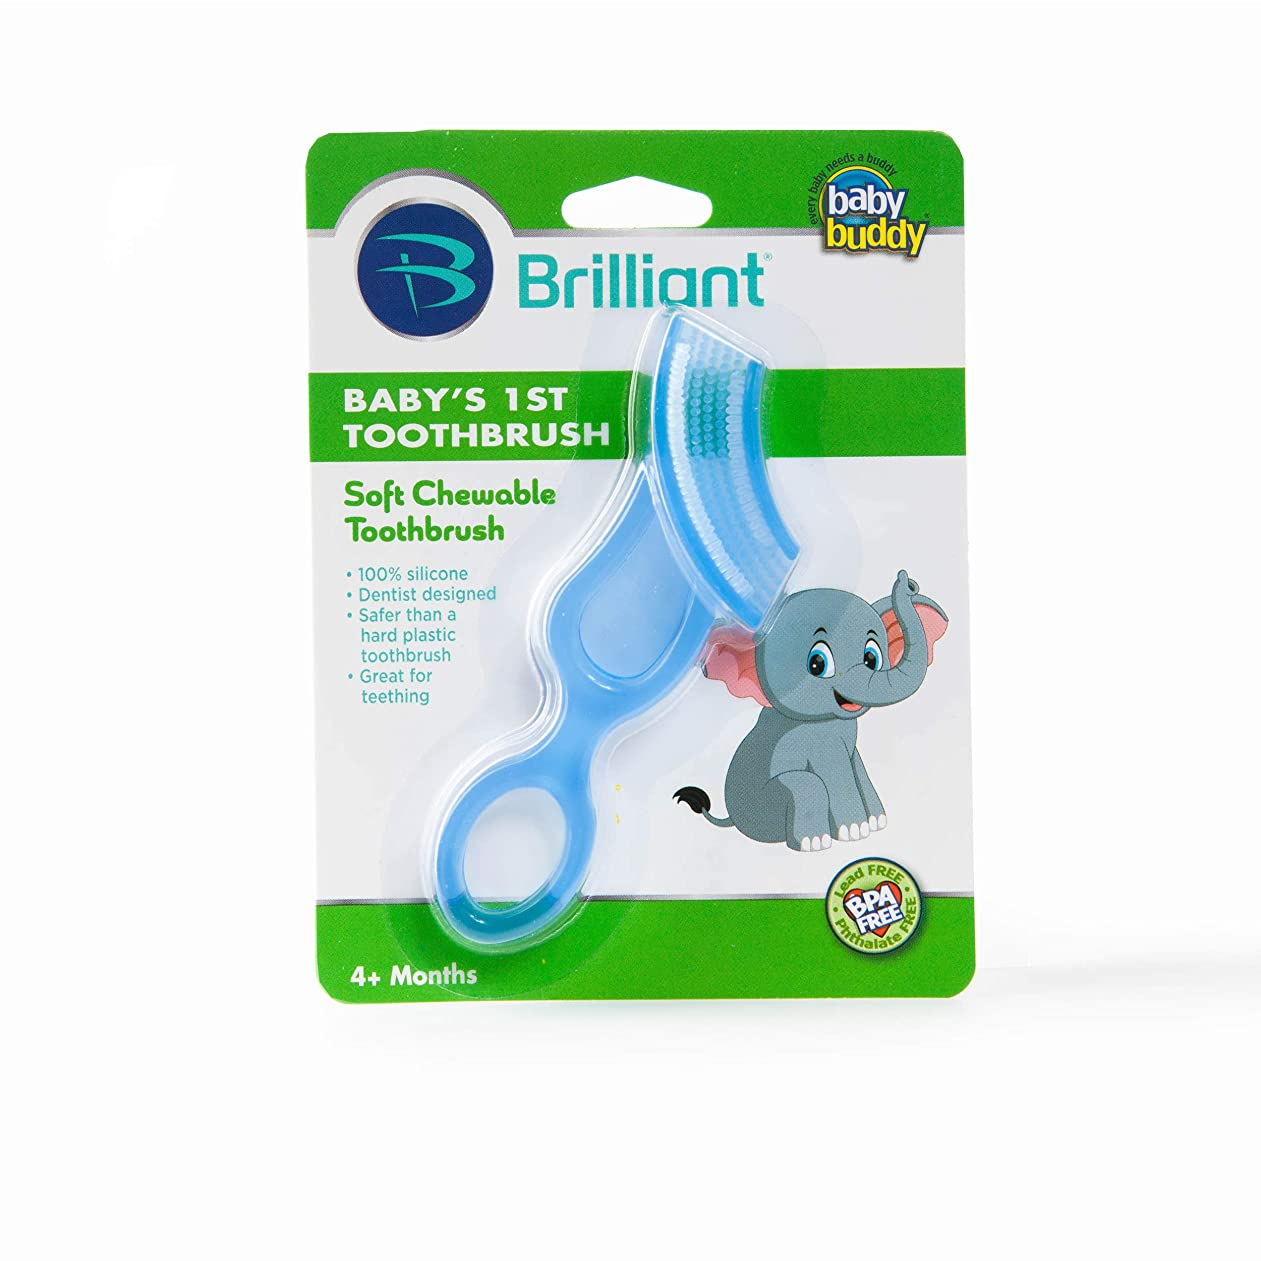 静脈ラッチテープBaby Buddy Baby's 1st Toothbrush Stage 4 for Babies/Toddlers, Kids Love Them, Blue by Baby Buddy